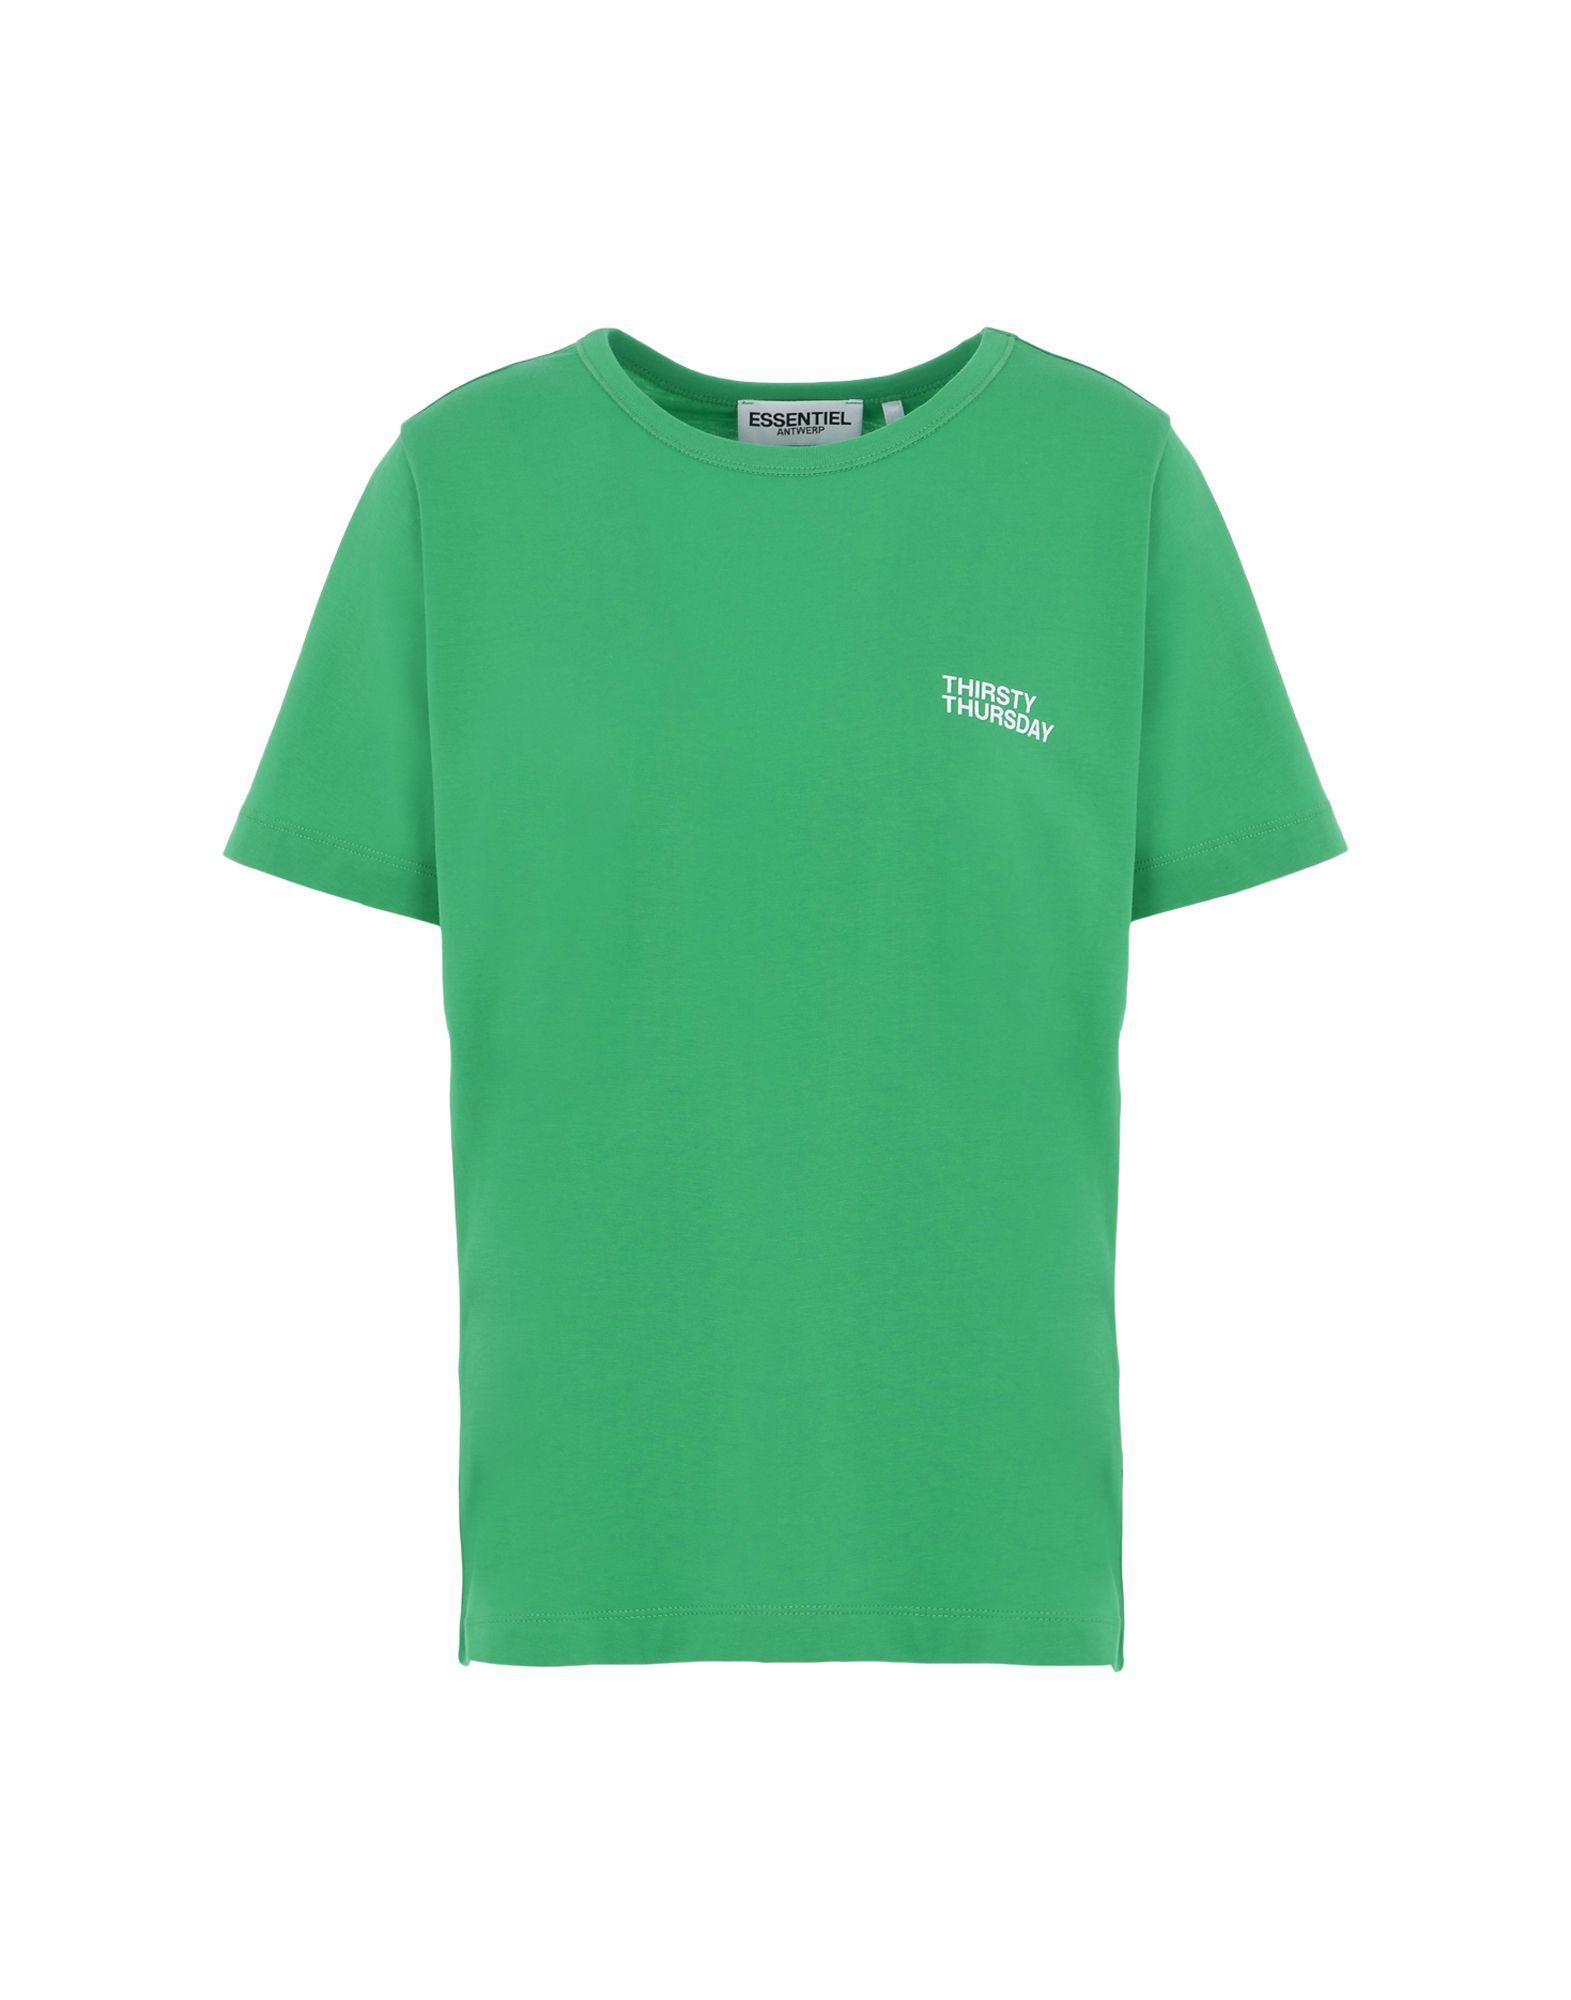 Essentiel Antwerp T-shirts In Green